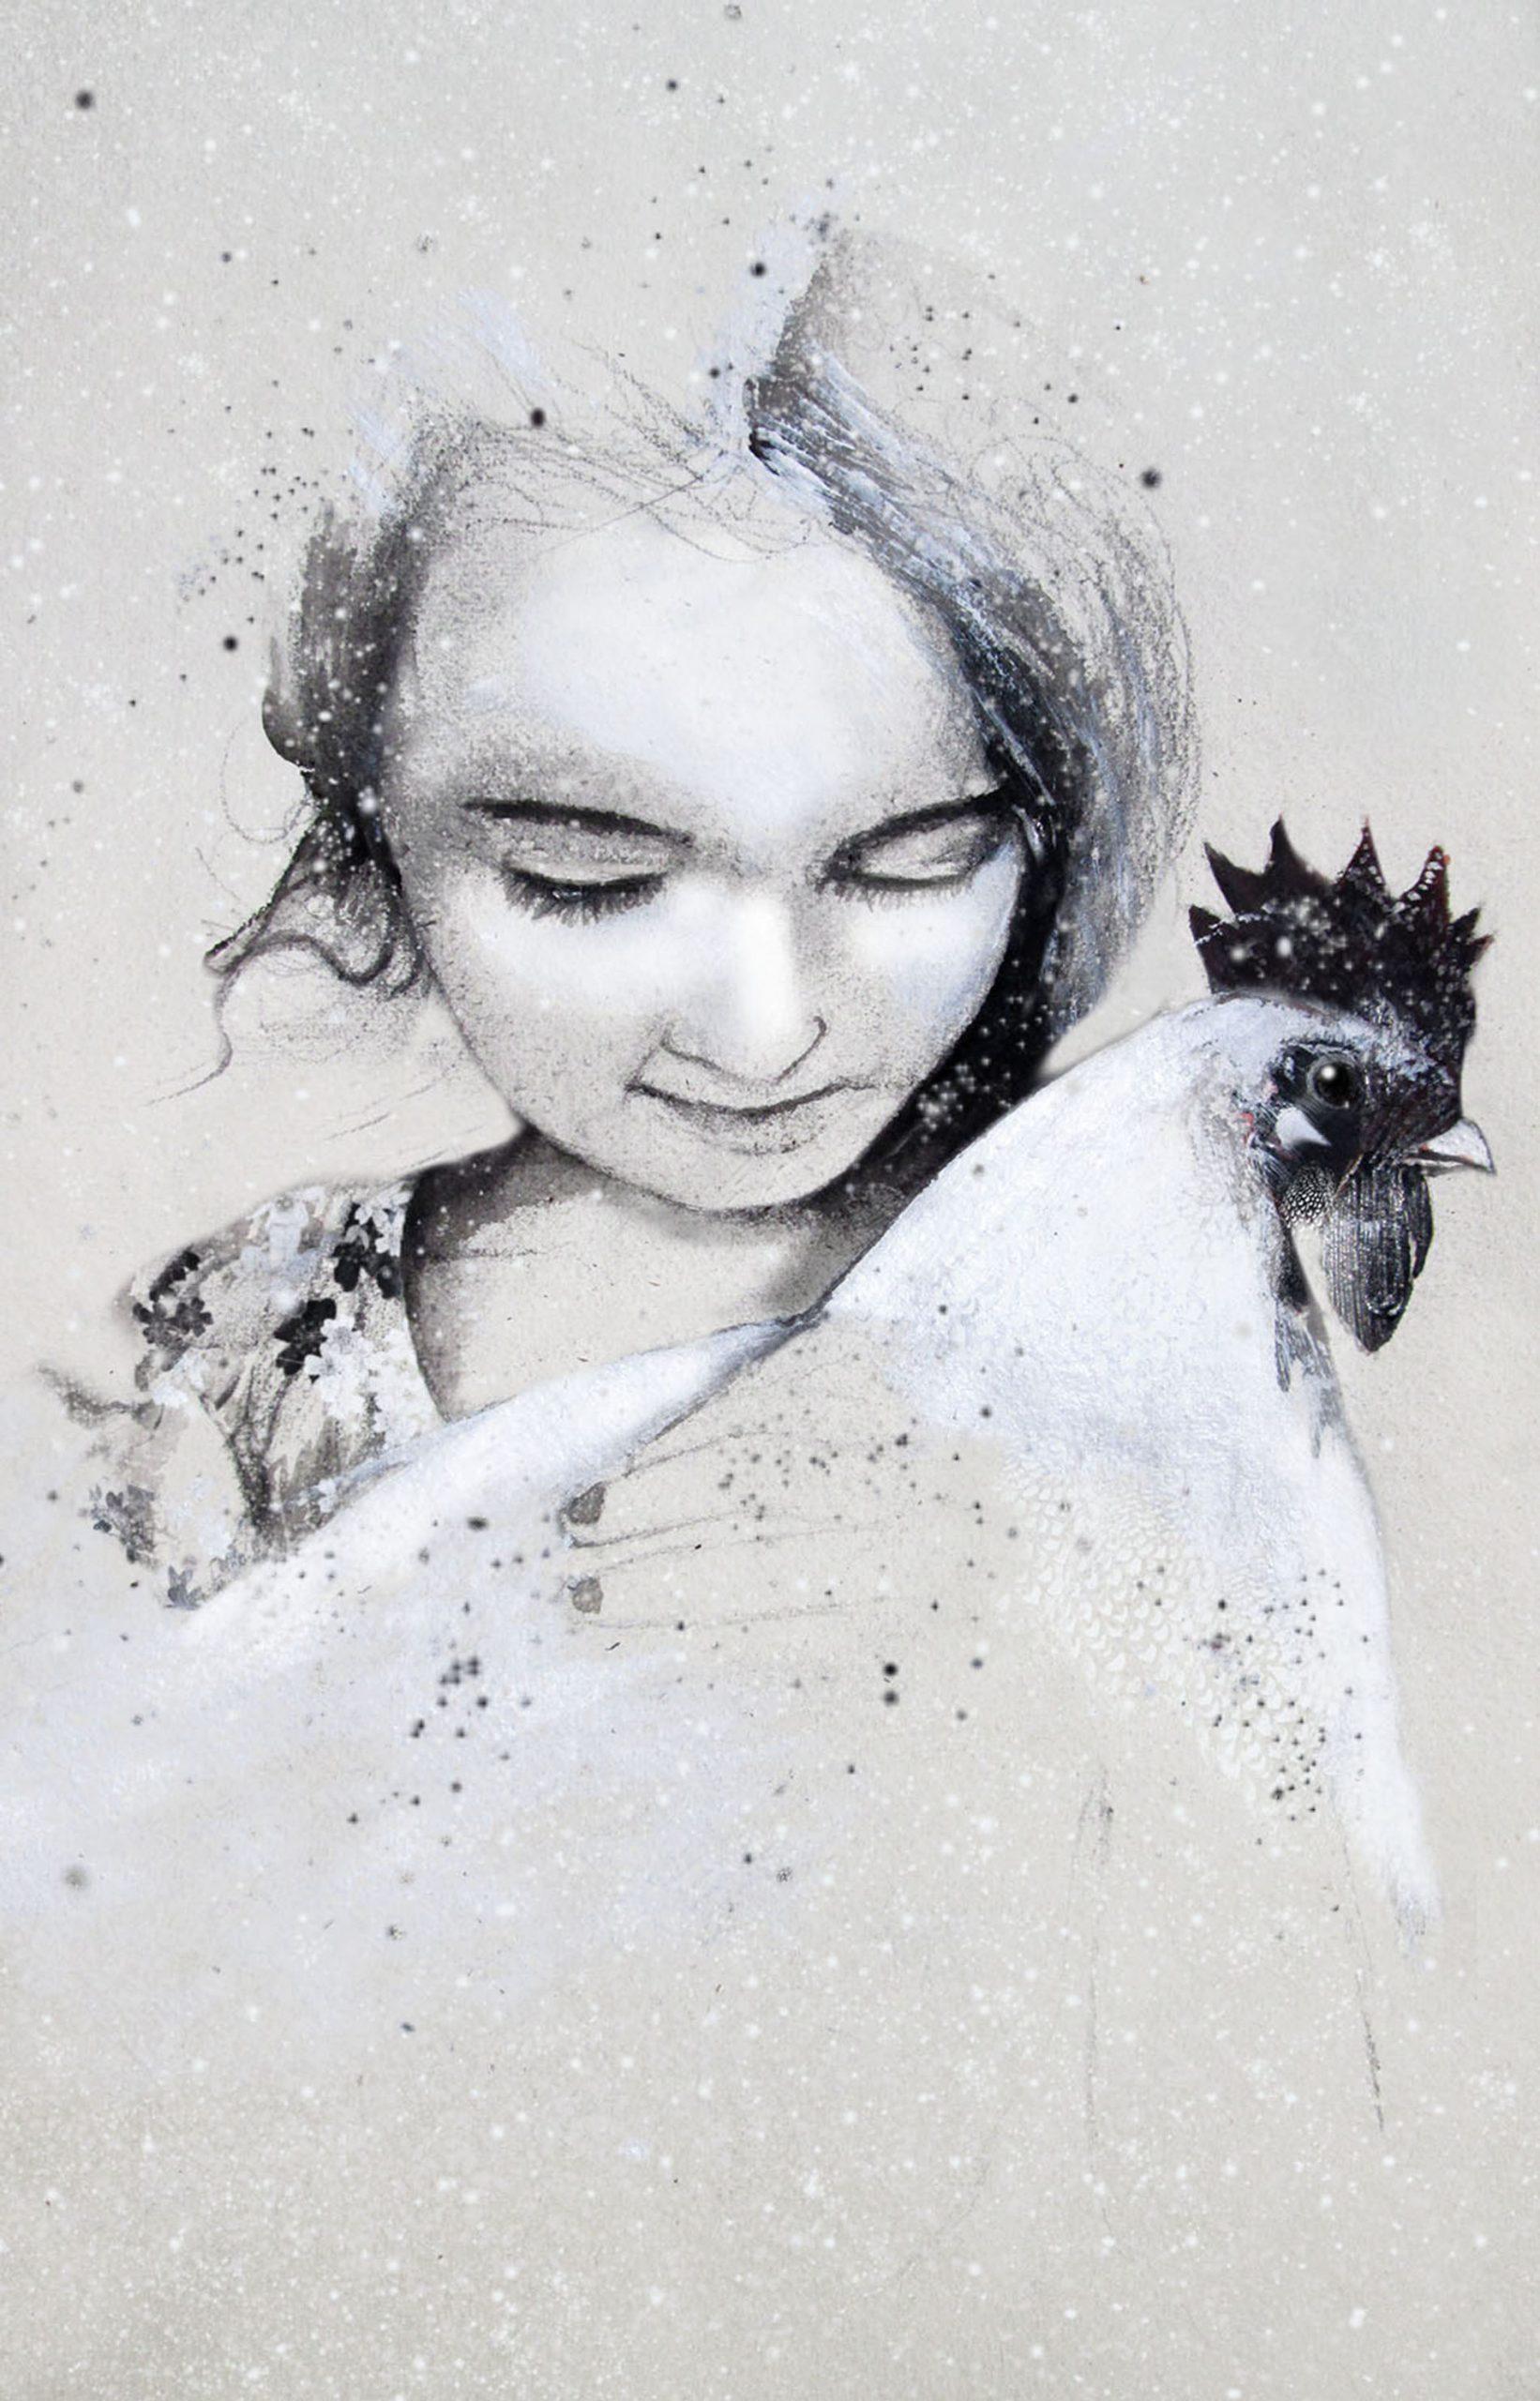 Nora. La gallina. Una de moltes en un galliner, on el gall sí canta. Anònima fins que es rebel·la. Per supervivència. I vola. I pon un ou. Es confia. Temps de pau. A contrarellotge. Tic tac, tic tac. El sistema s'imposa. Al caldo. Noves gallines s'alçaran com flocs de neu. Fins a colgar la sang. Nou paisatge. Blanc, pur. Innocència.